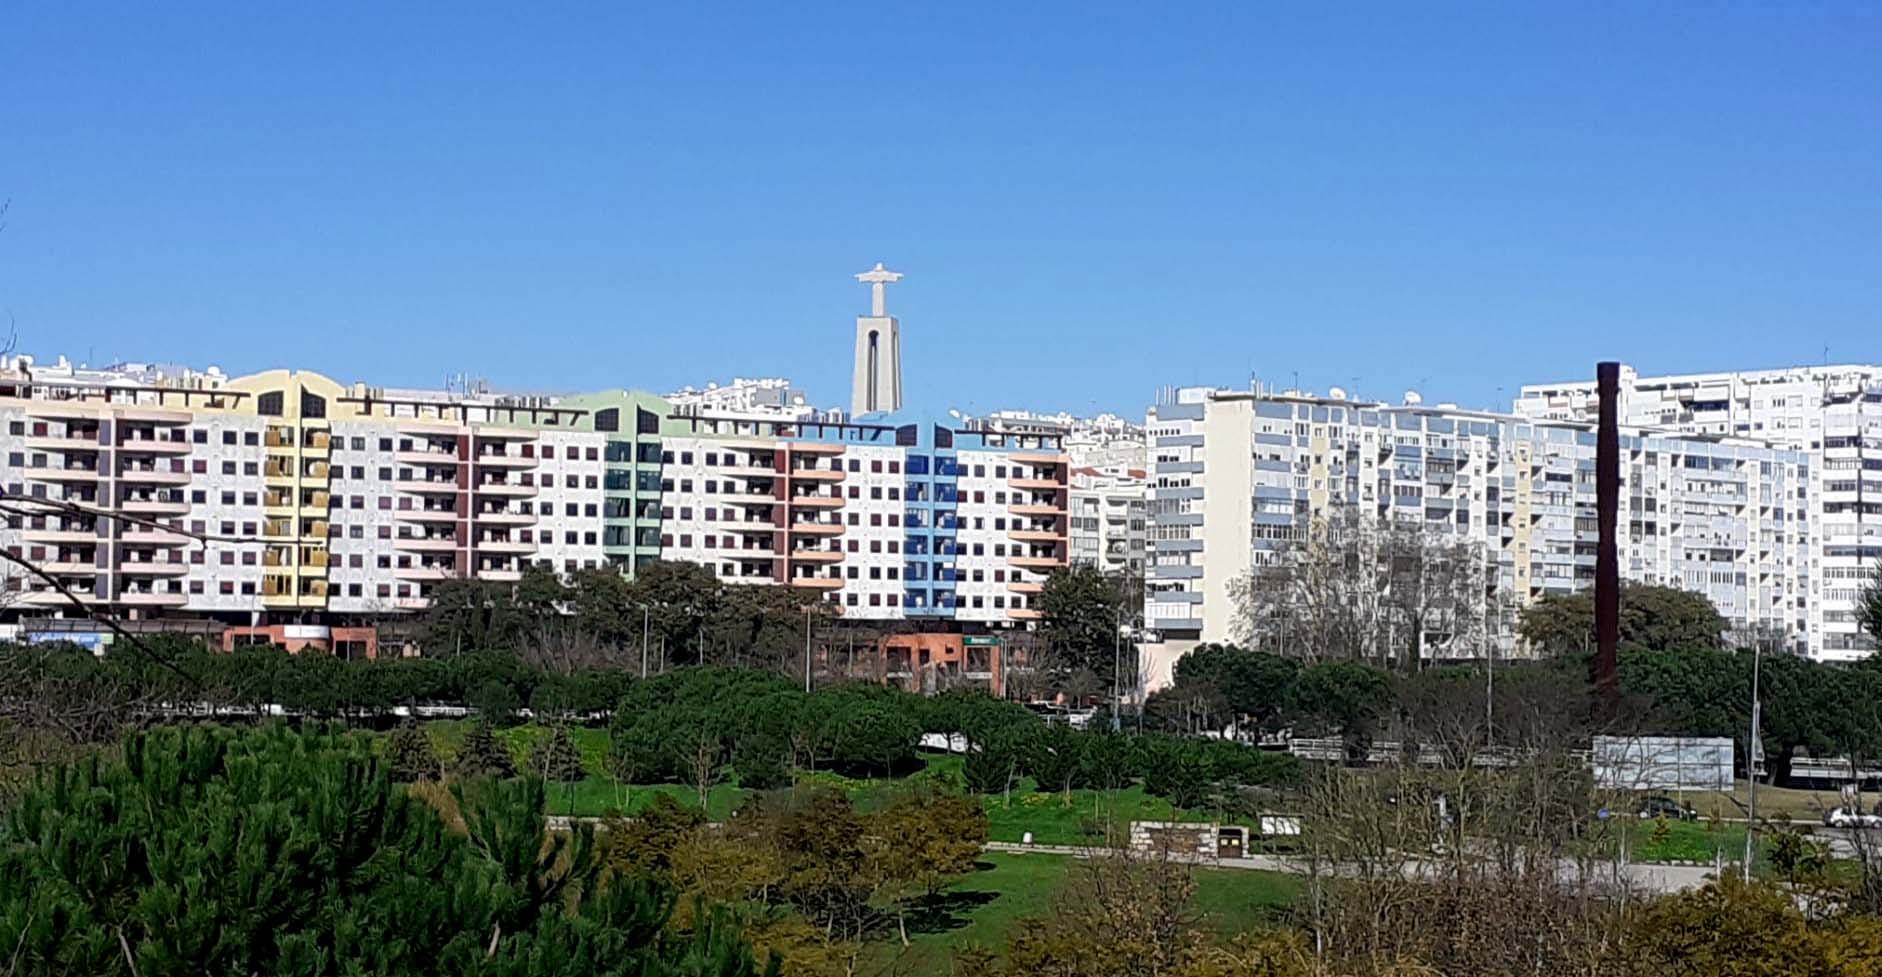 Censos 2021: Almada é o oitavo município mais populoso do país